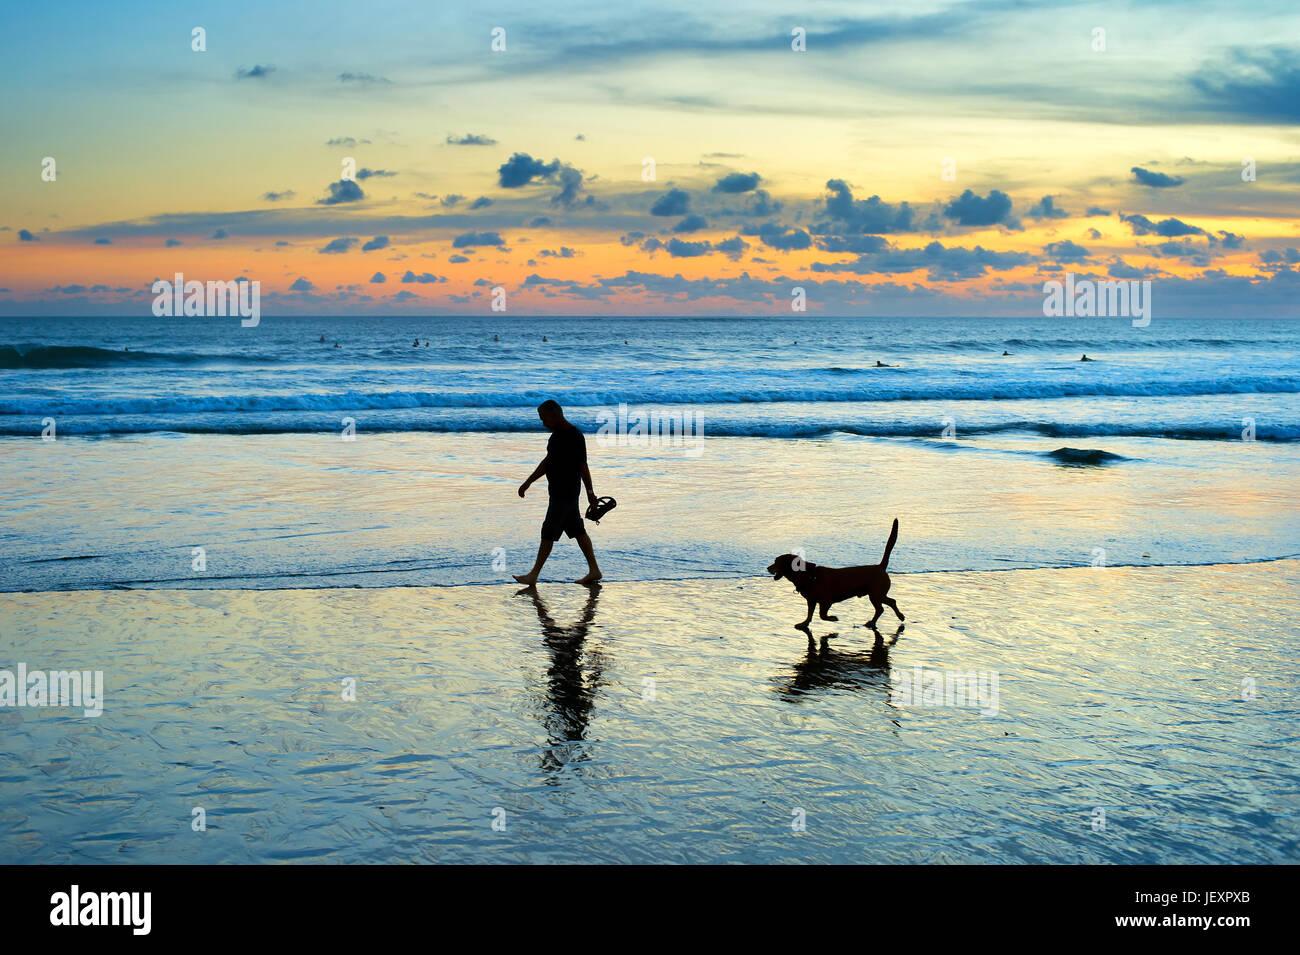 Silhouette d'un homme et le chien marche sur une plage au coucher du soleil. L'île de Bali, Indonésie Banque D'Images